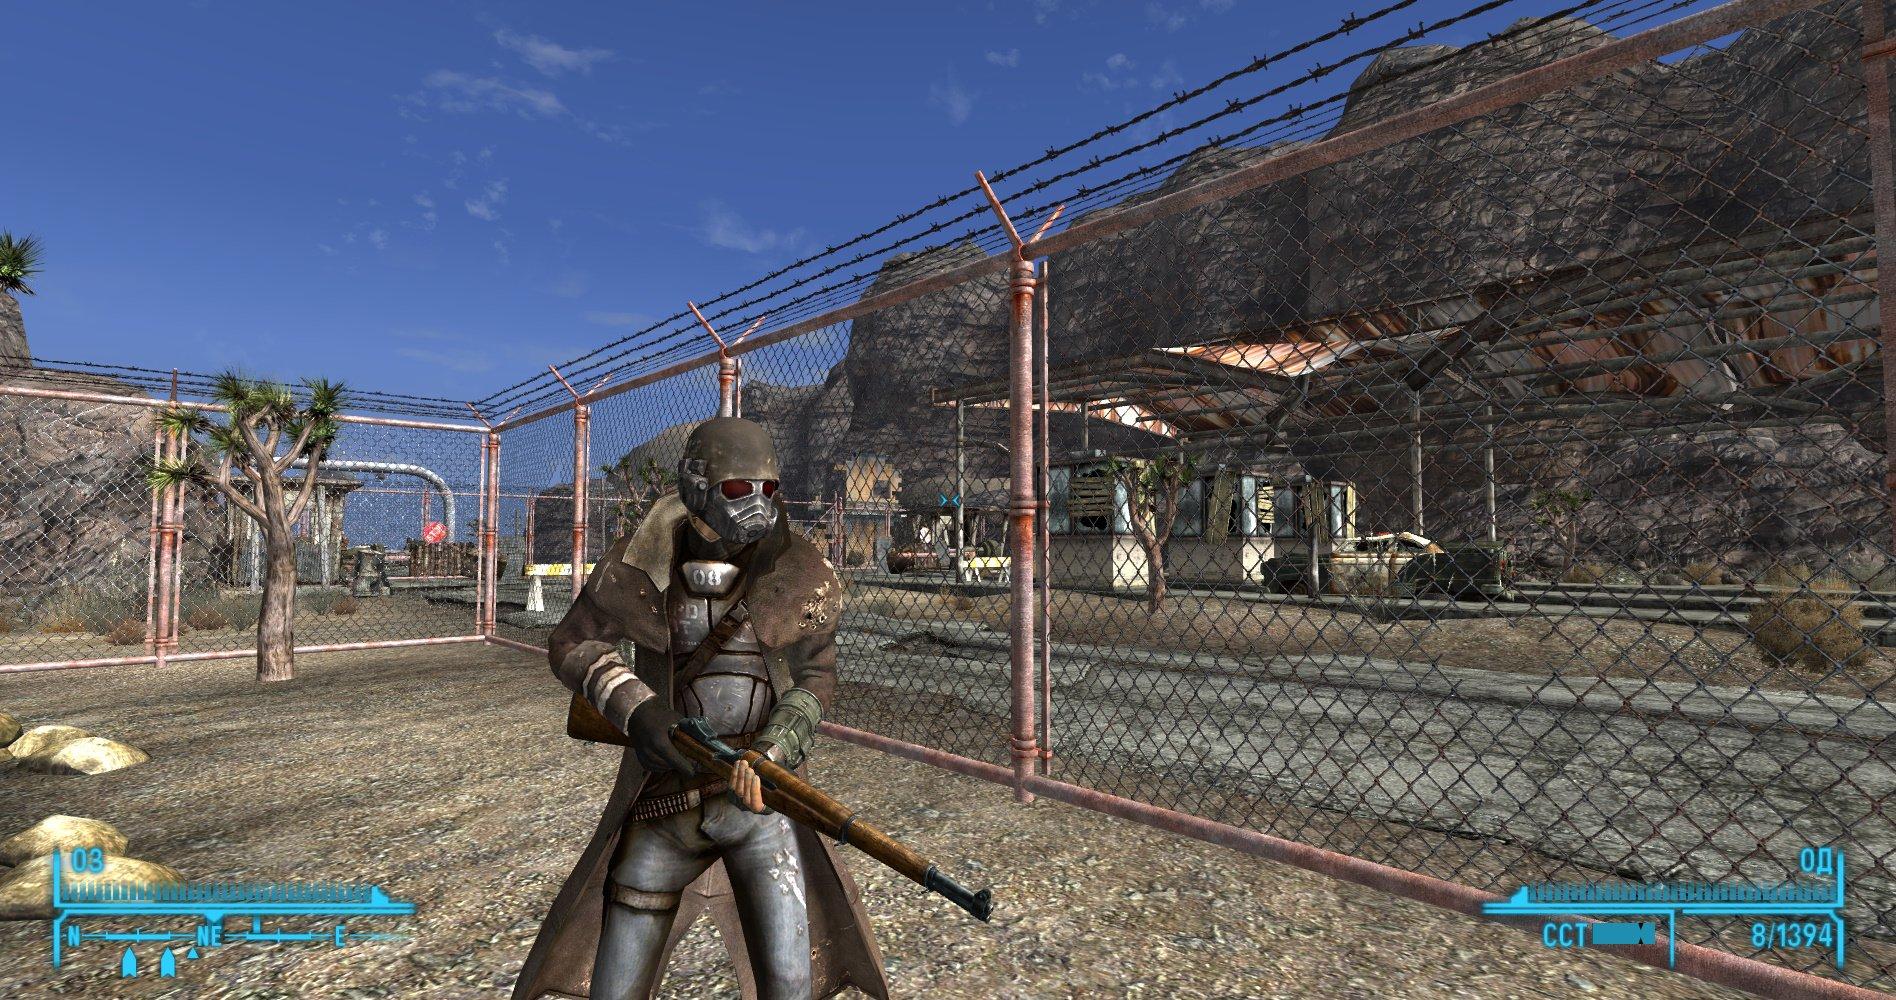 Сравнительный анализ (на самом деле нет) Fallout New Vegas vs. Fallout 4 (часть 1) - Изображение 4